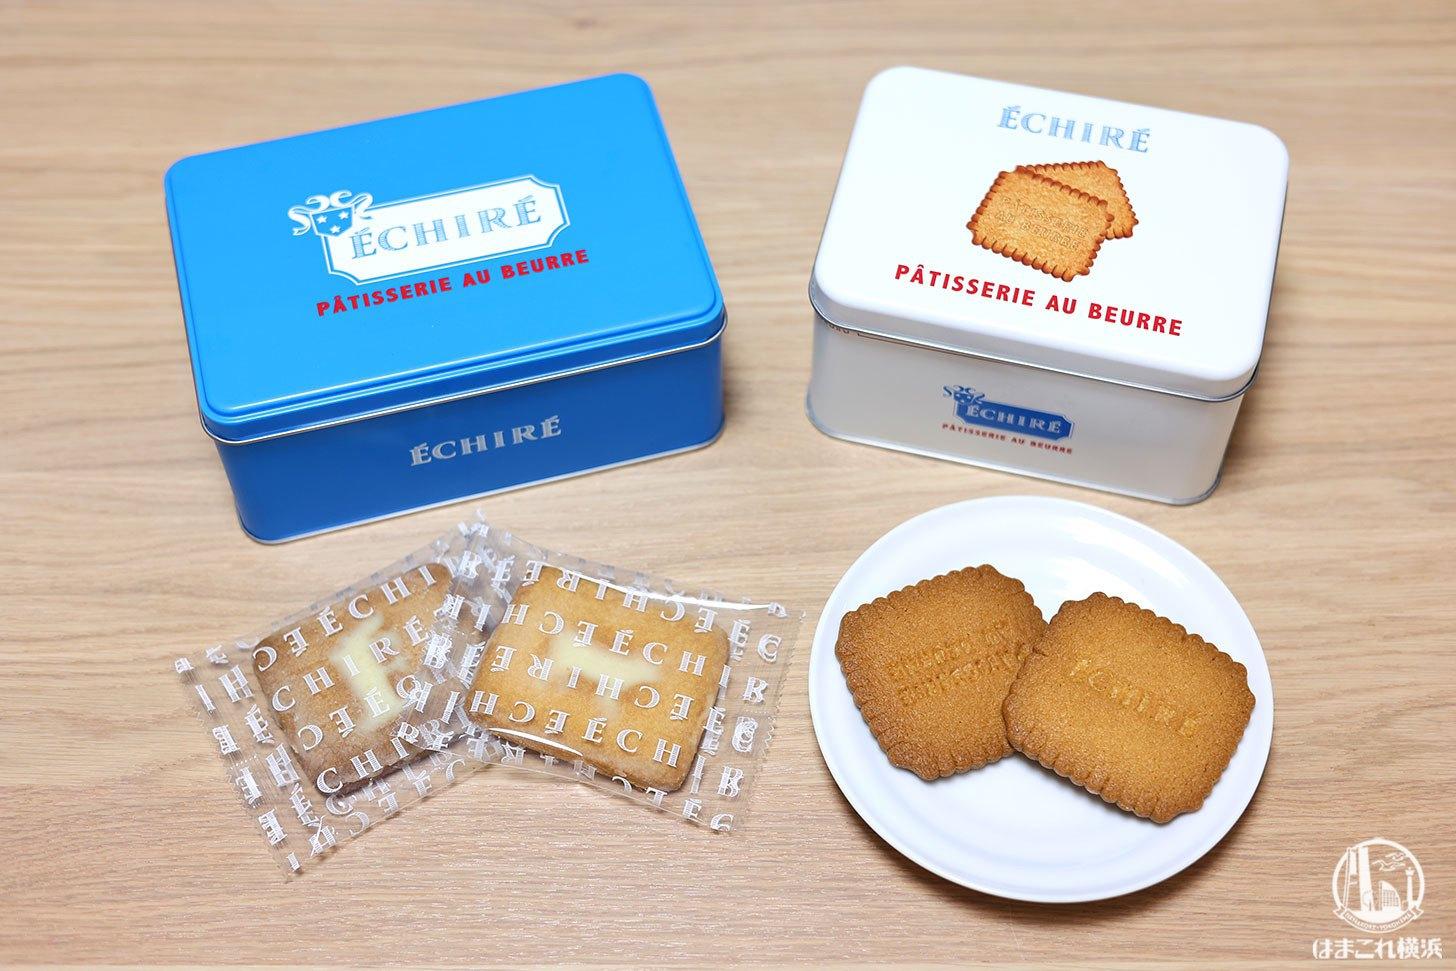 エシレ横浜高島屋店で青缶・白缶のバターサブレを食べ比べてみた!風味や食感、サイズなど